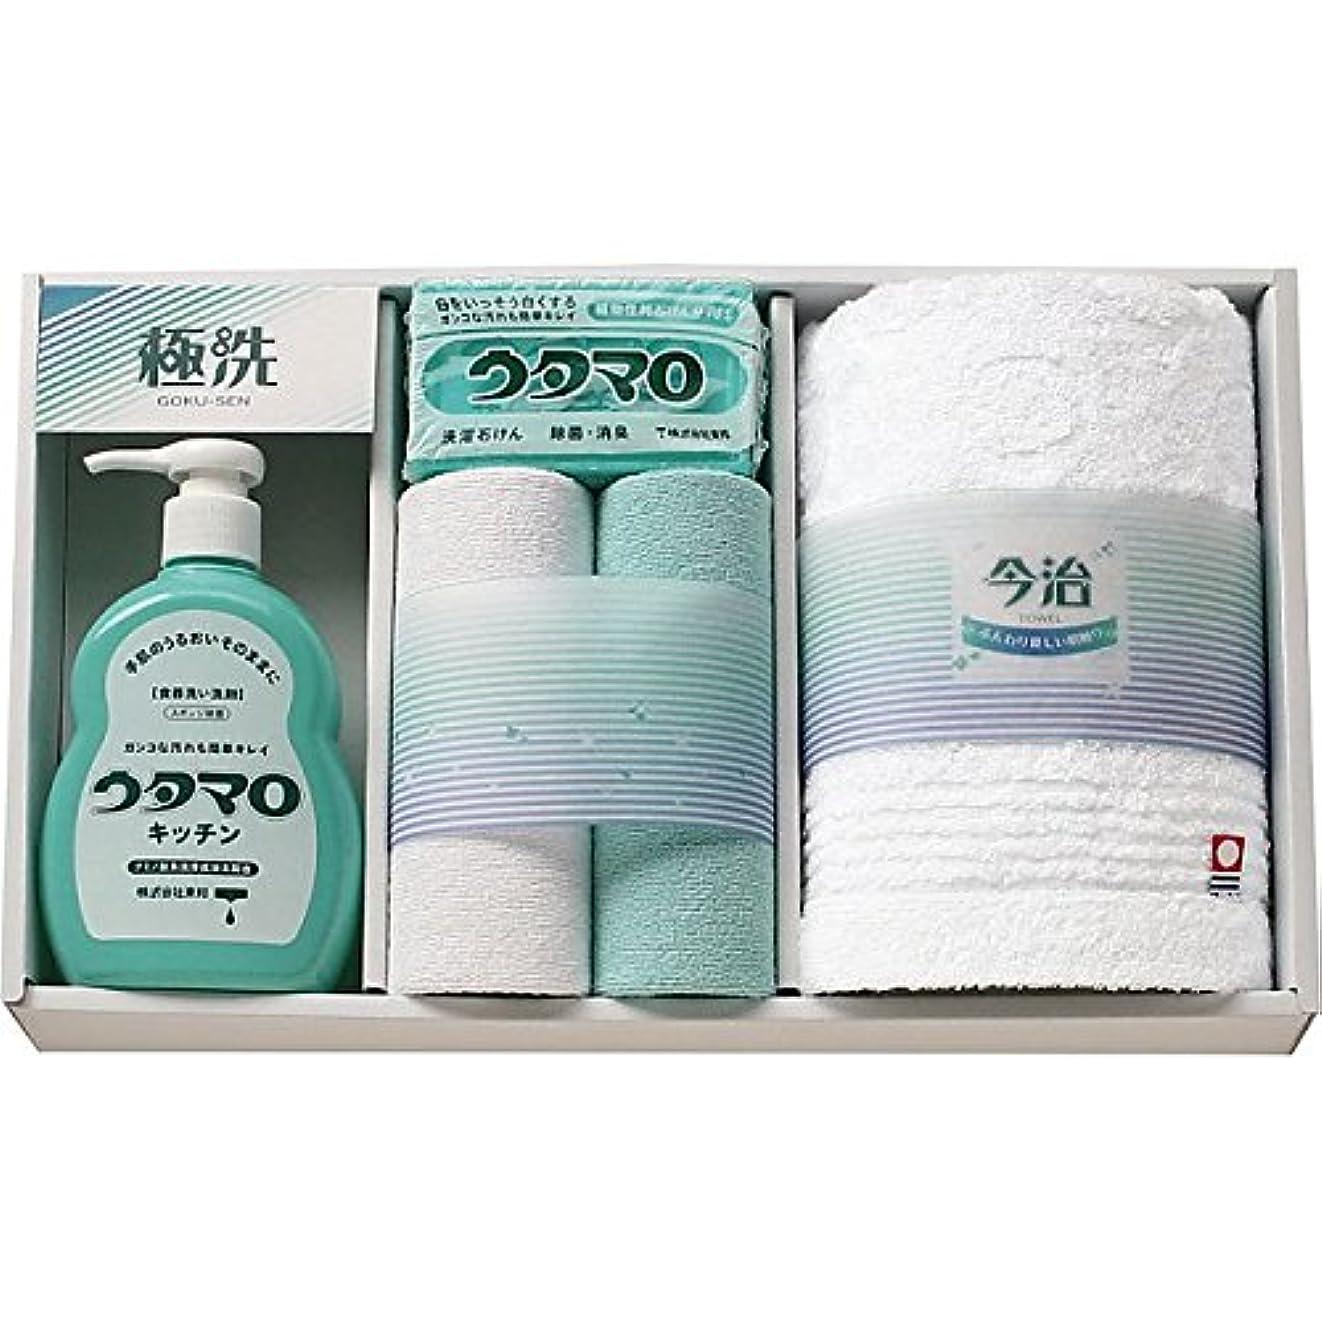 マインド障害手当( ウタマロ ) 石鹸?キッチン洗剤ギフト ( 835-1055r )